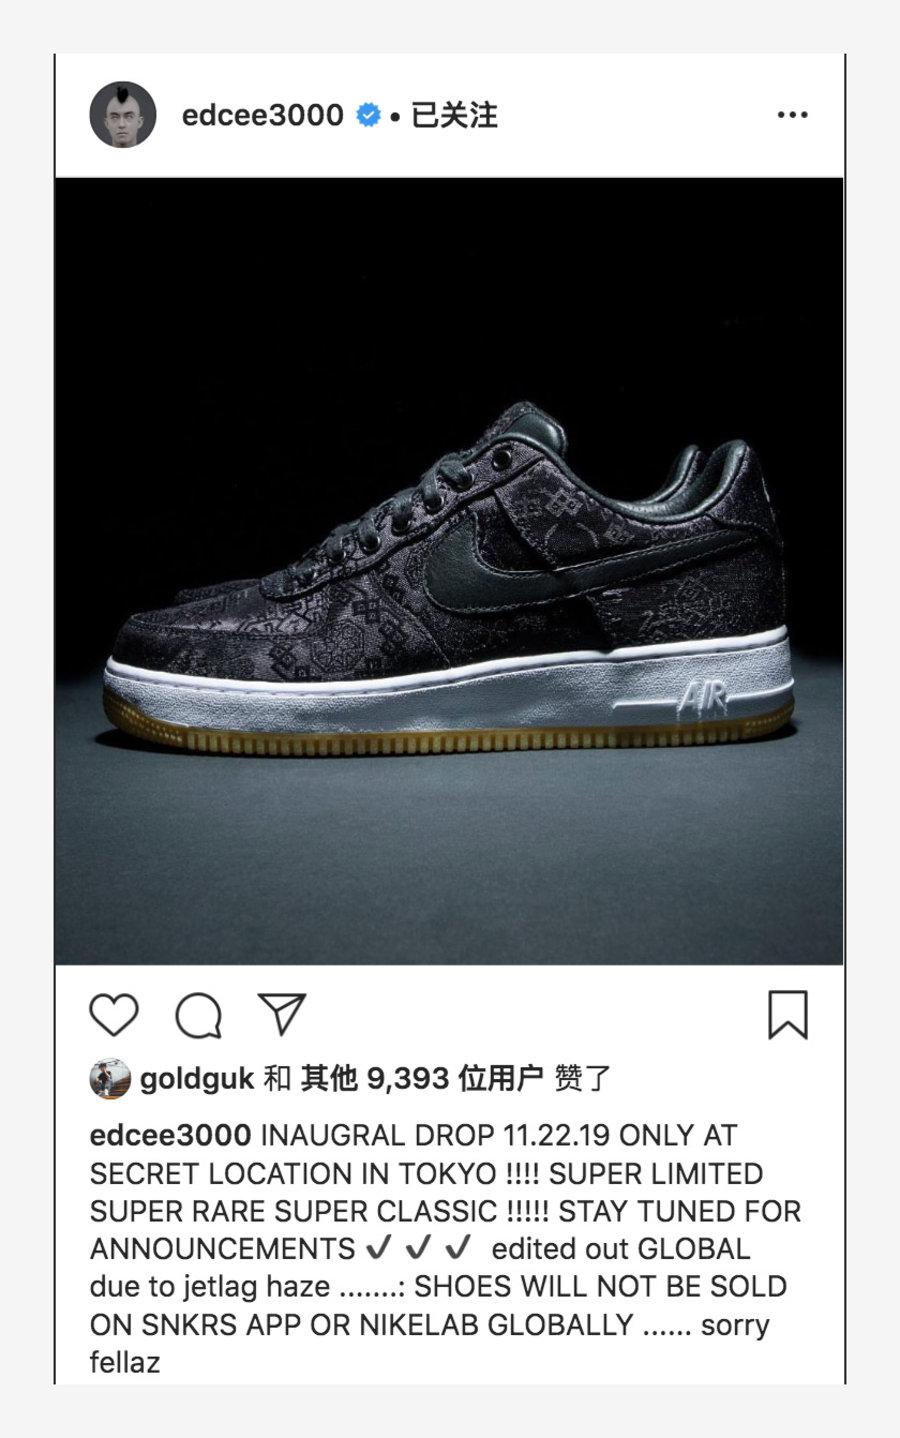 CLOT,AF1,Nike 冠希刚说,黑丝绸 AF1 超级限量!不在 SNKRS APP 发售!